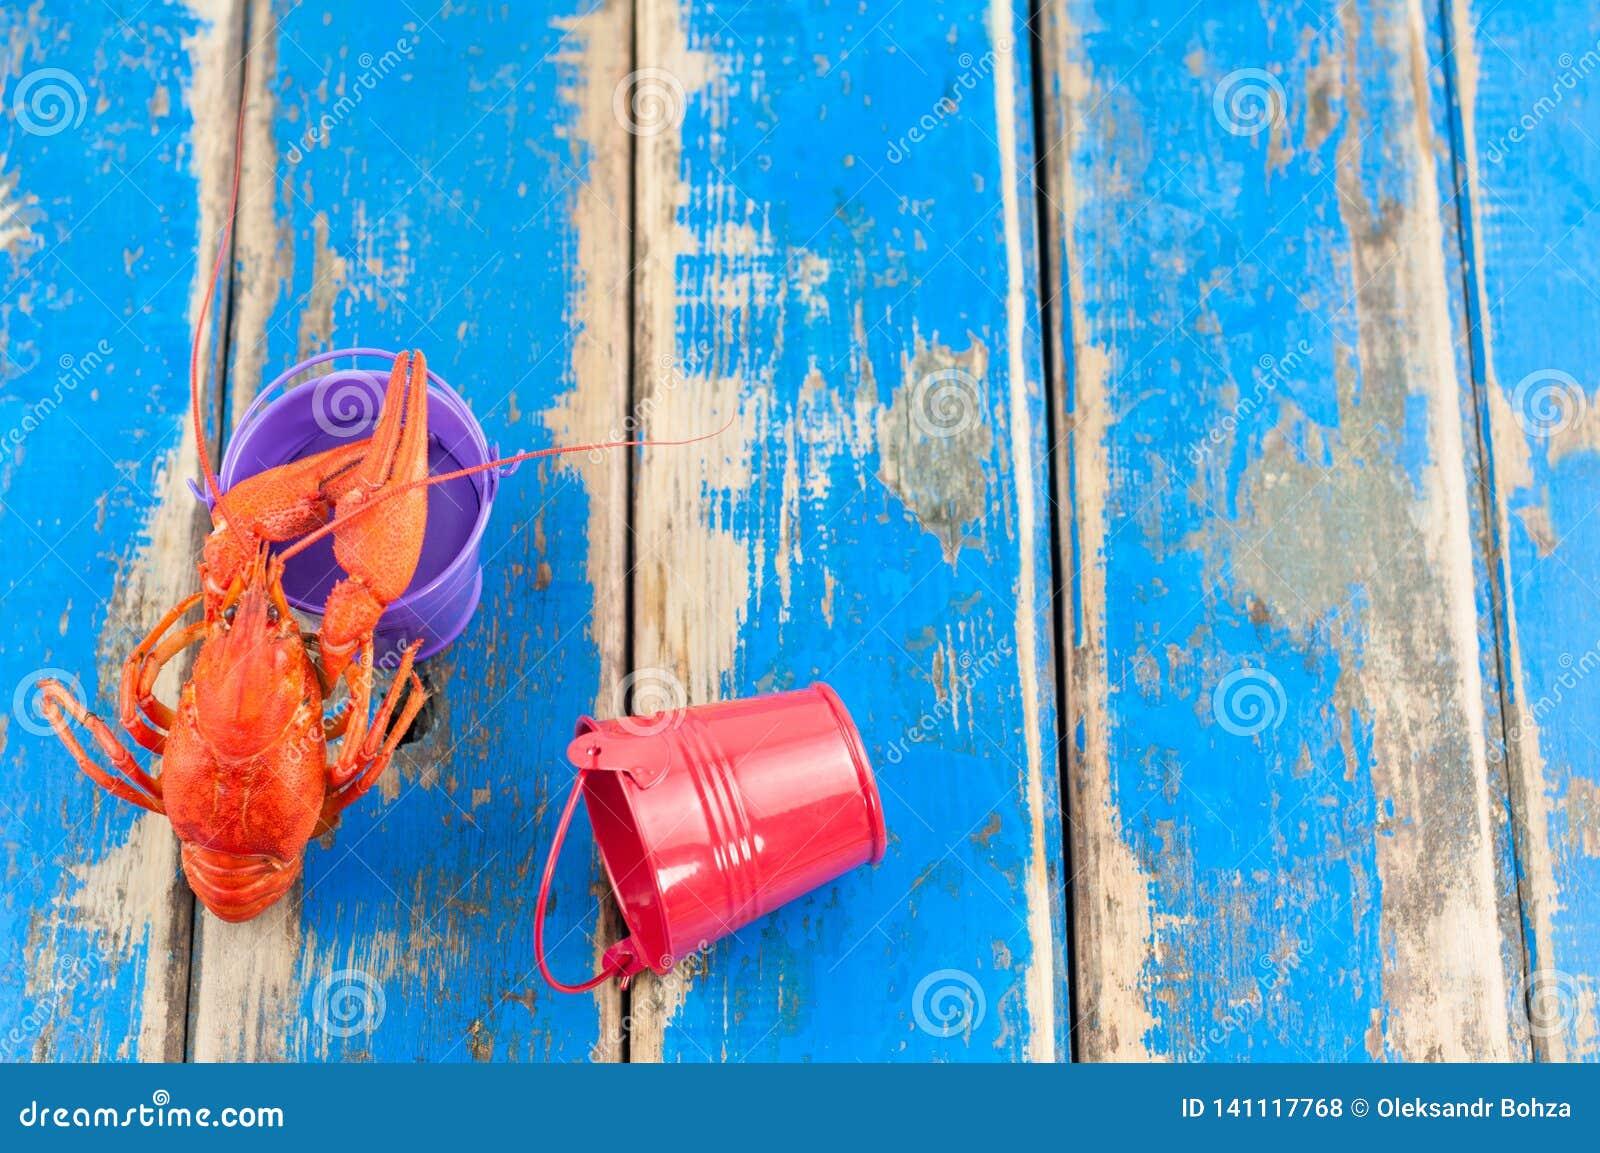 Ενιαίοι ολόκληροι κόκκινοι βρασμένοι αστακοί κοντά στον κενό ιώδη κάδο μετάλλων εκτός από τον κόκκινο ξαπλωμένο κάδο